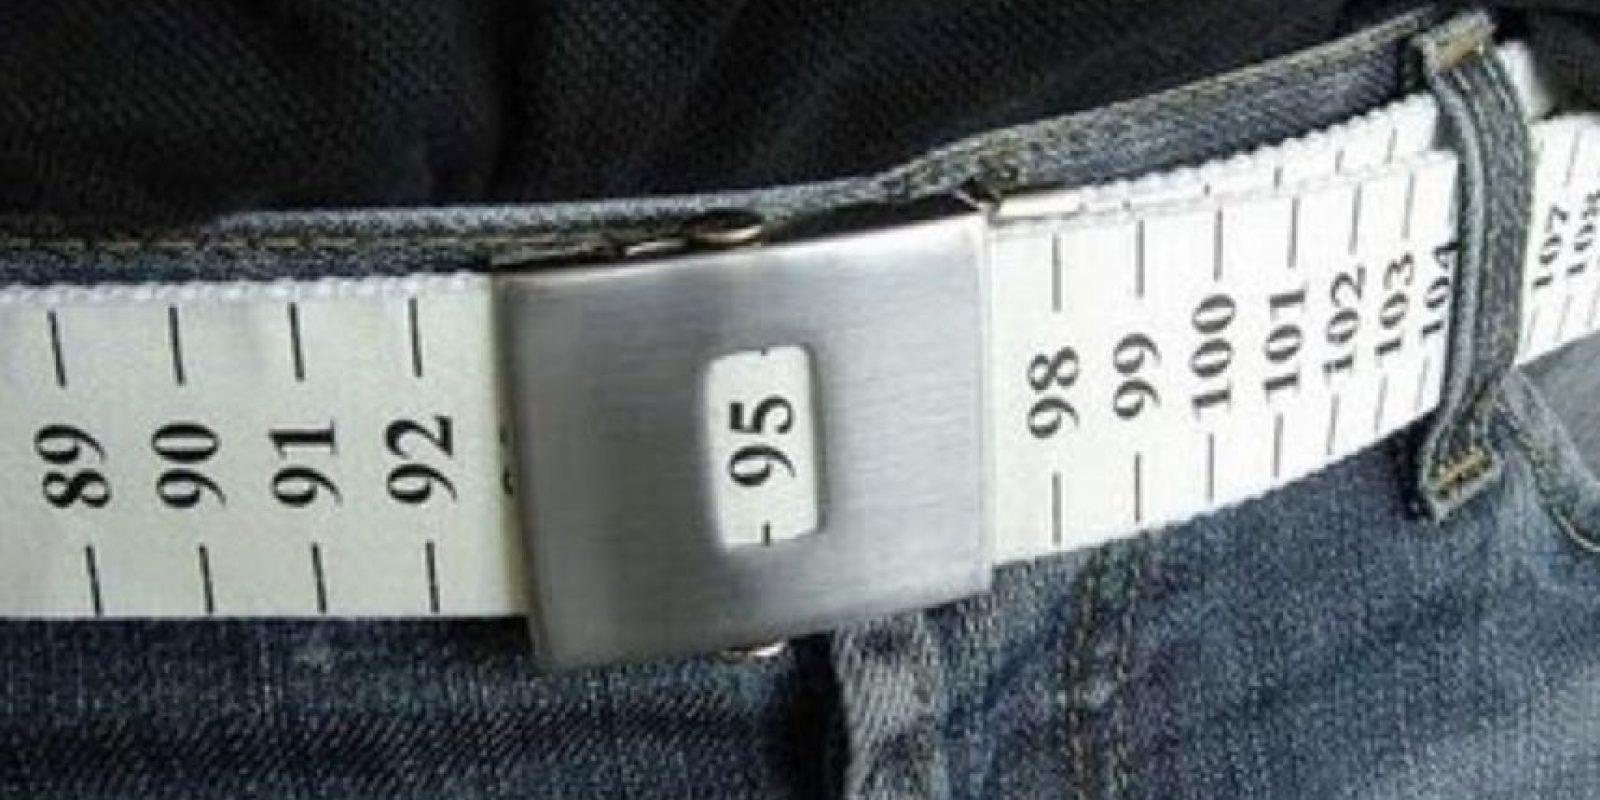 Cinturón con cinta métrica integrada, para que no suba de peso. Foto:Know Your Meme